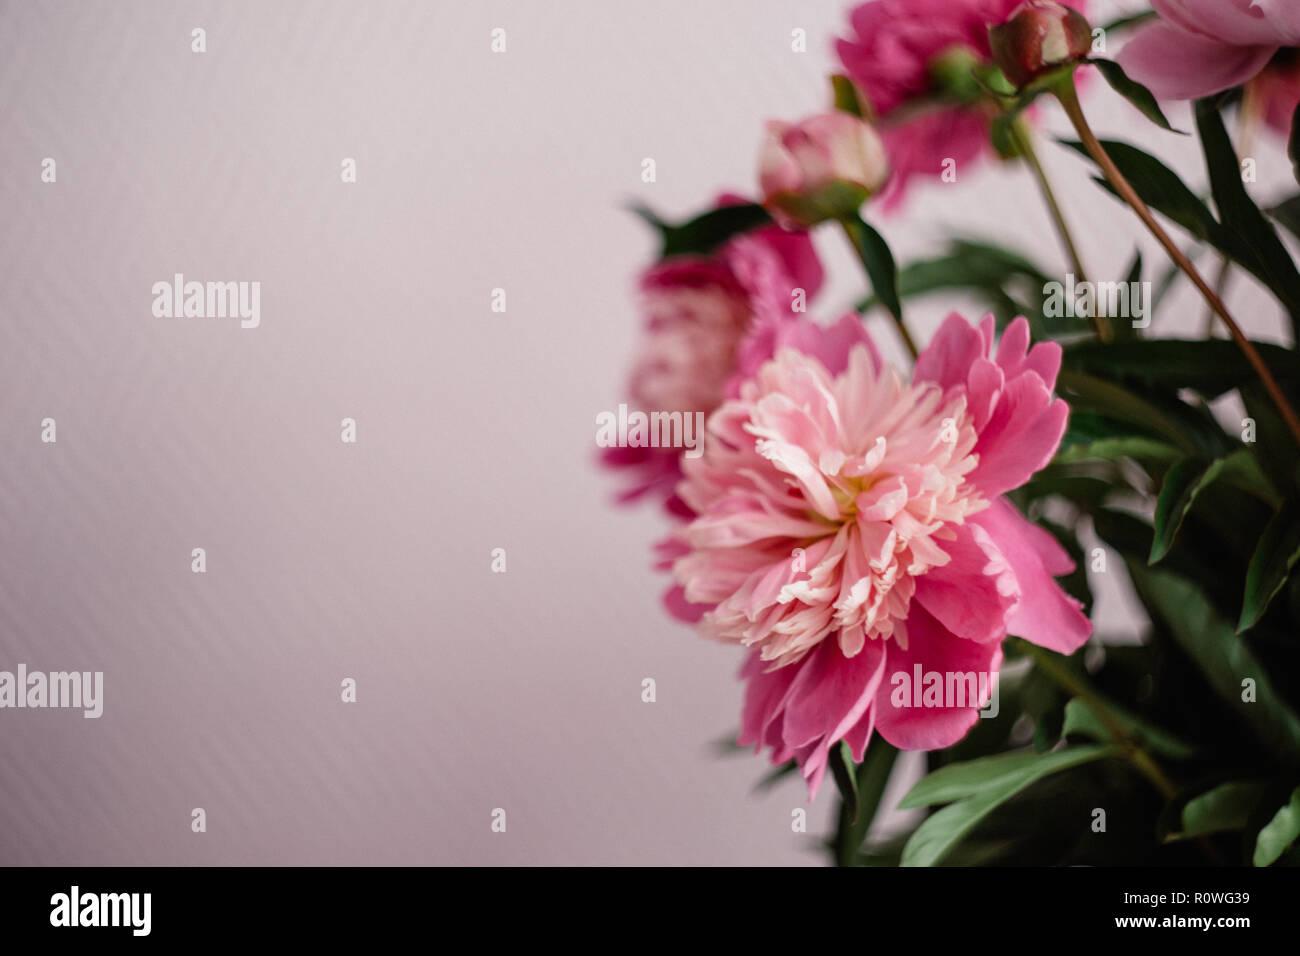 Blumenstrauss Aus Roten Pfingstrosen In Vase Auf Dem Stuhl Hochzeit